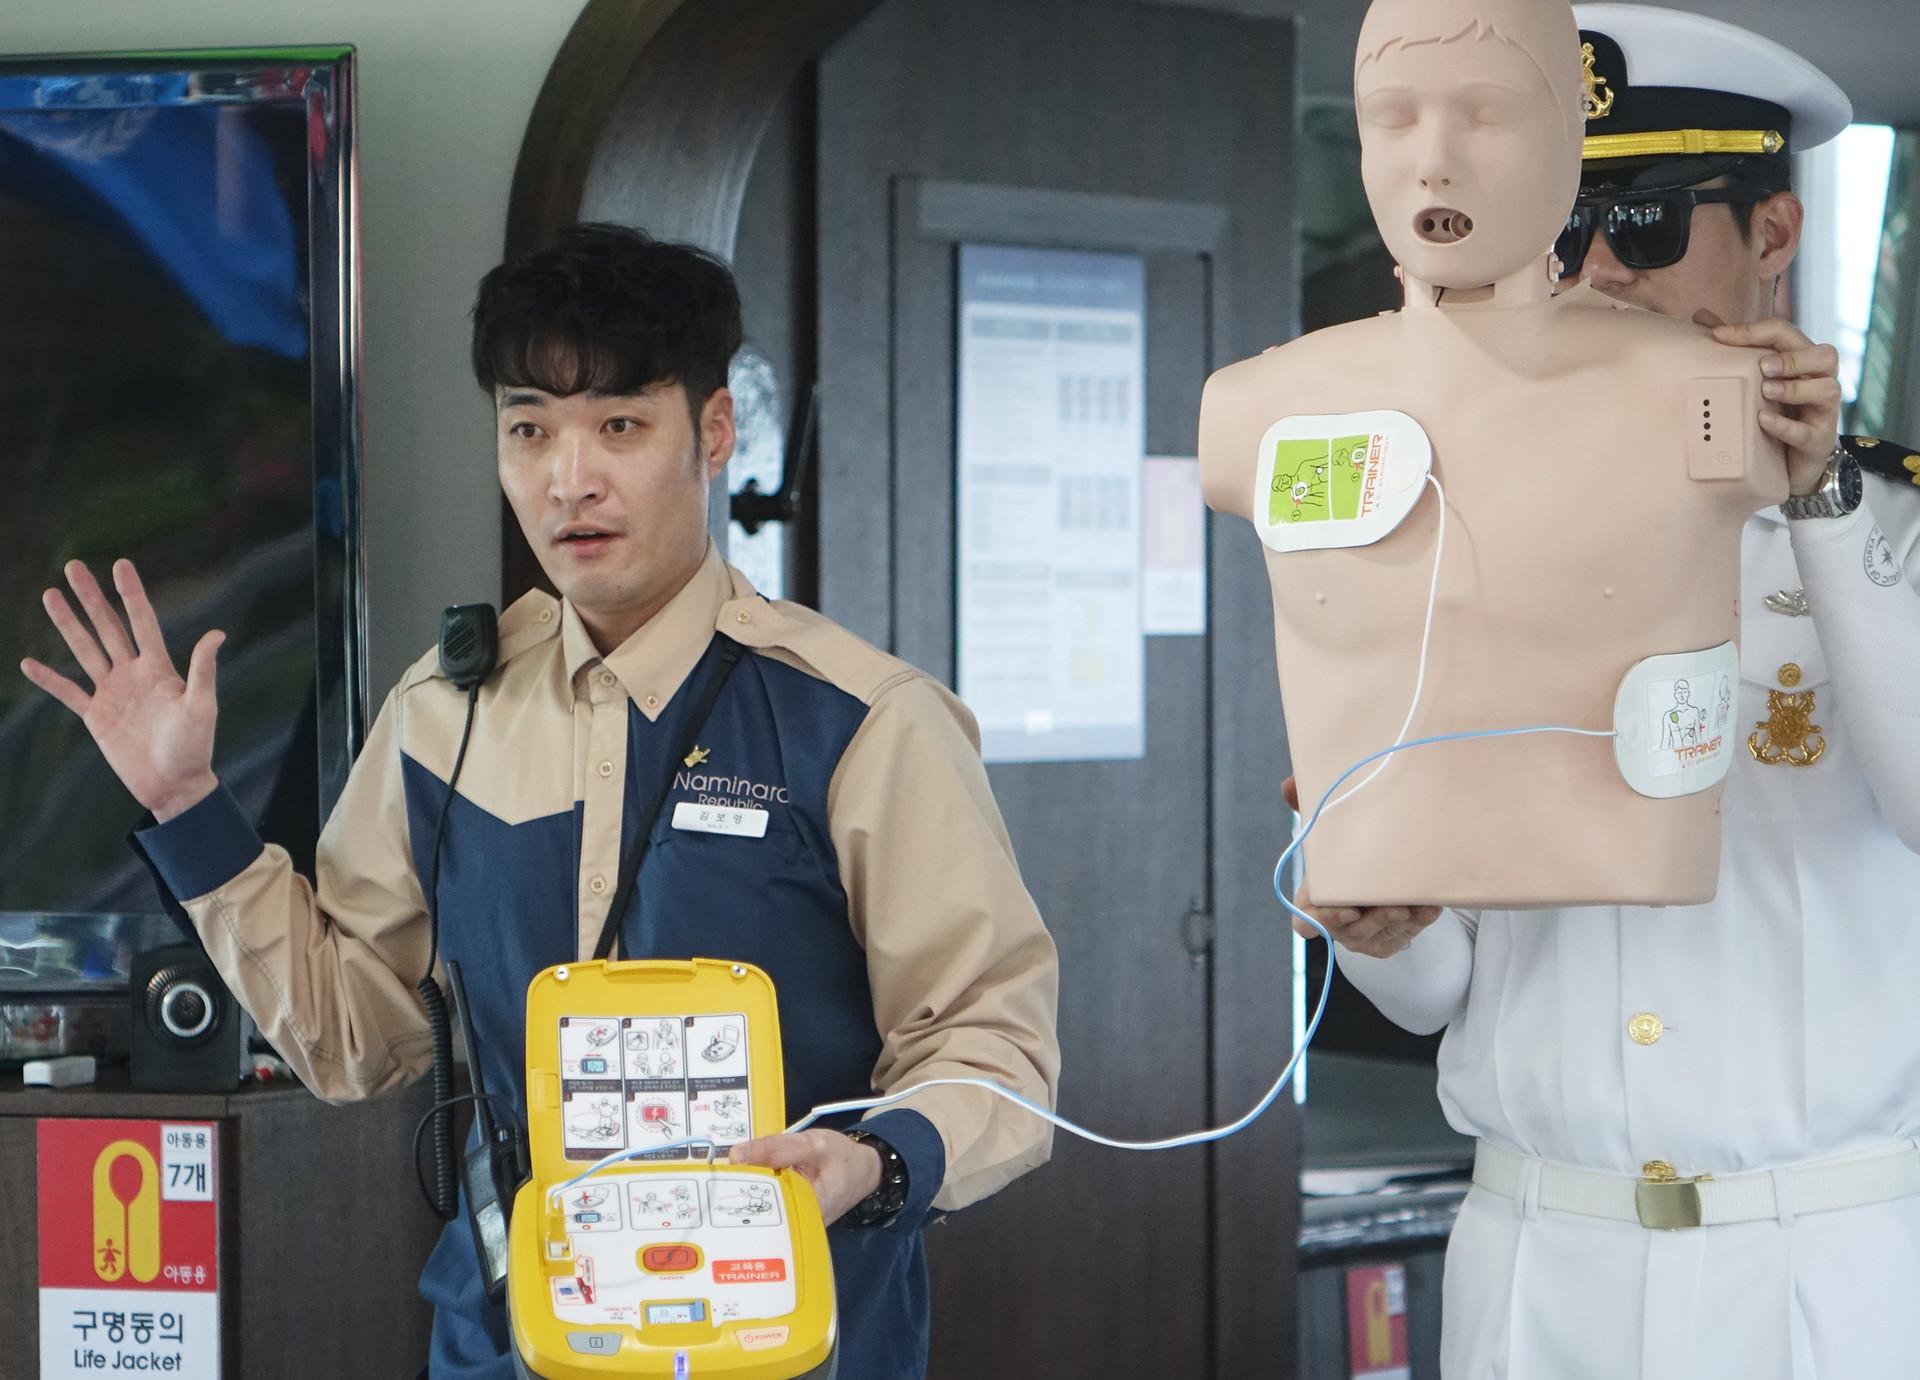 응급처치<br>심폐소생술, AED 사용법 등<br>10~15분